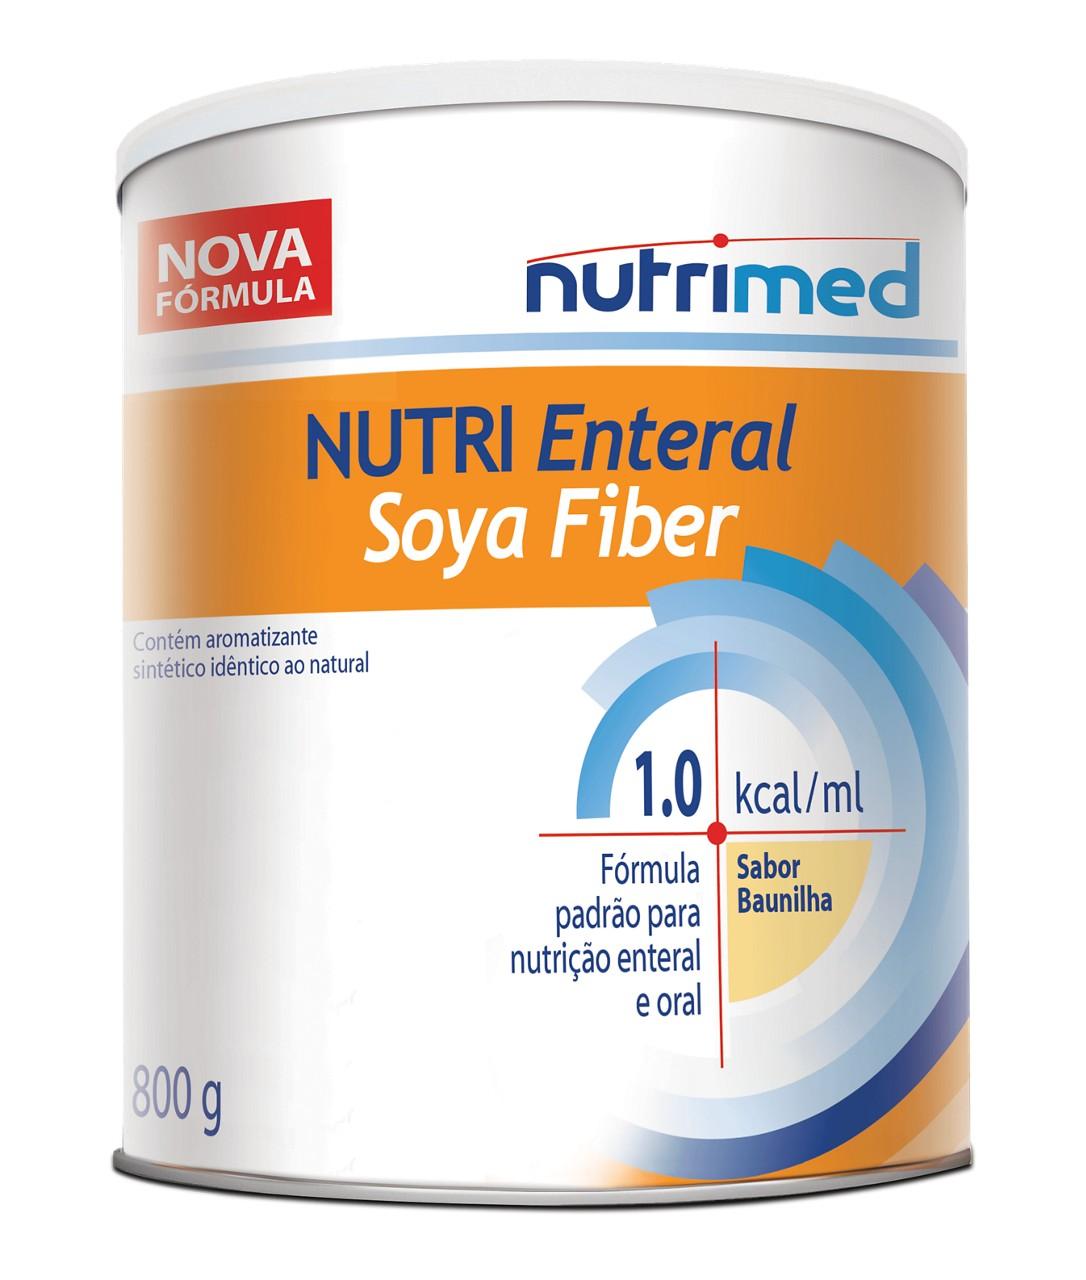 11--NUTRI ENTERAL SOYA FIBER PO.png